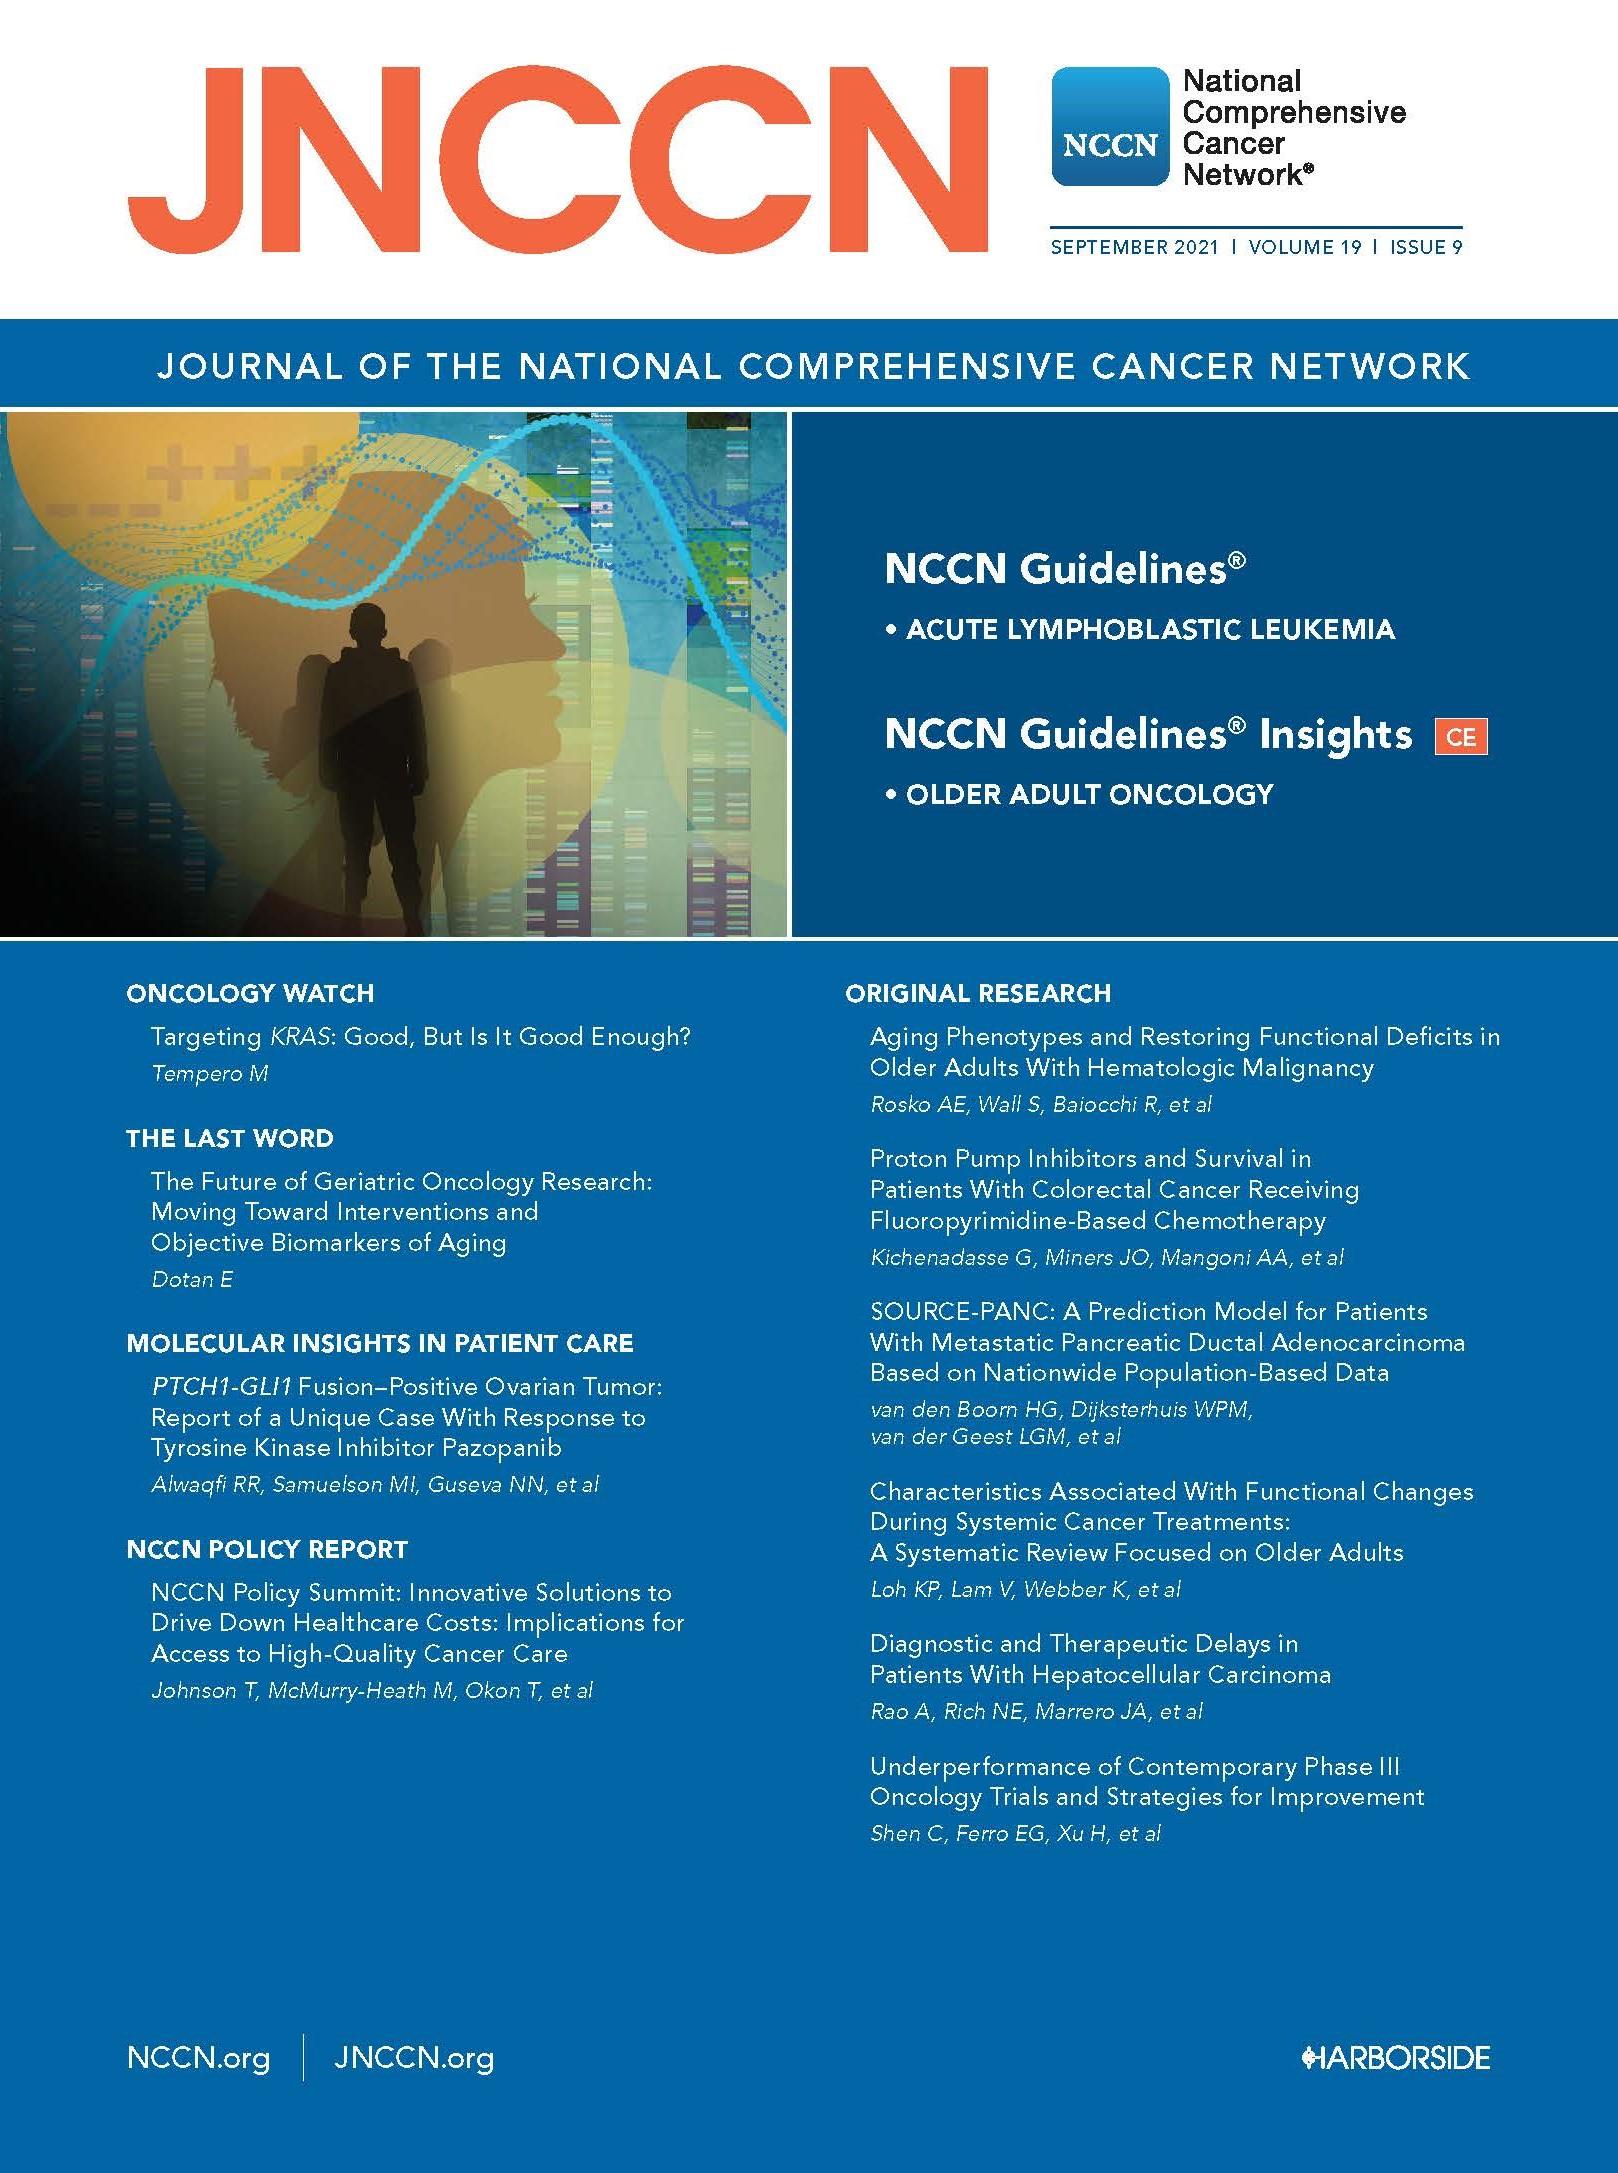 JNCCN Cover September 2021